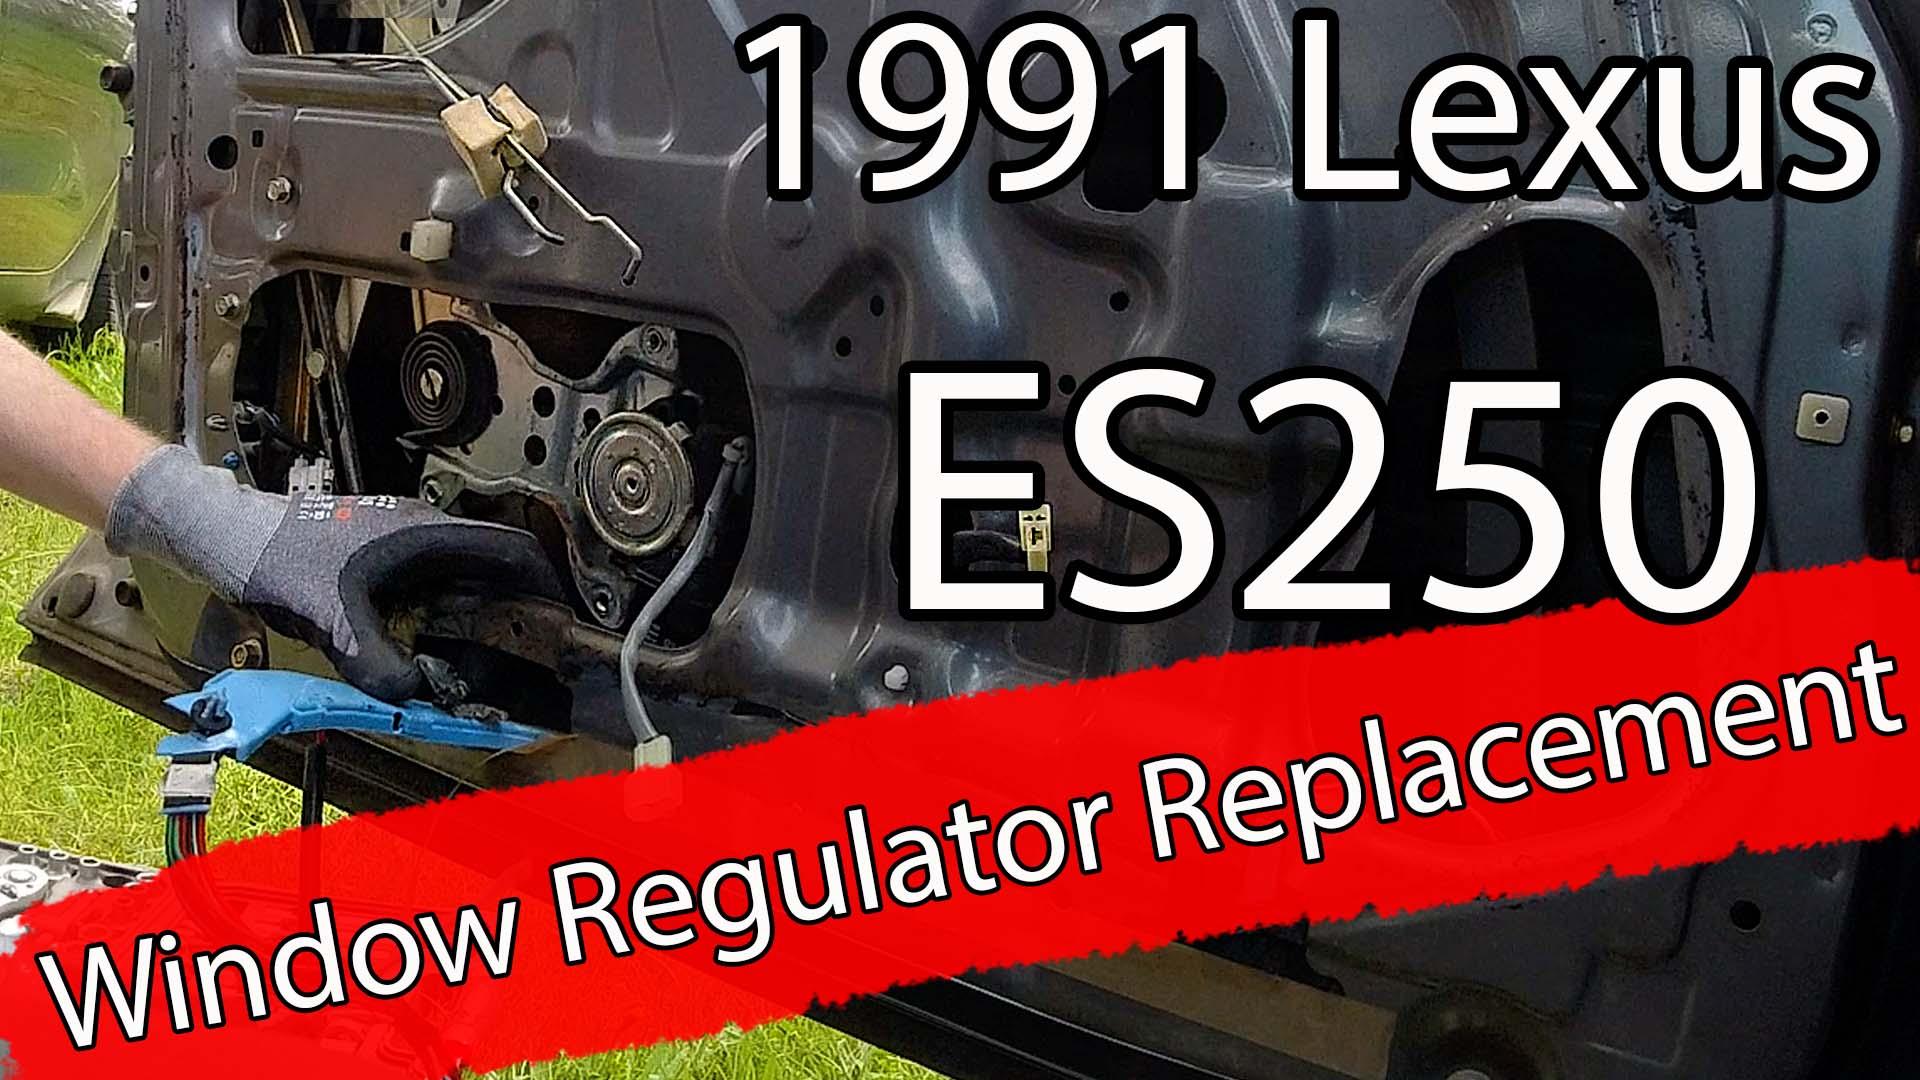 Ny el motor til vindu på 1991 Lexus ES250